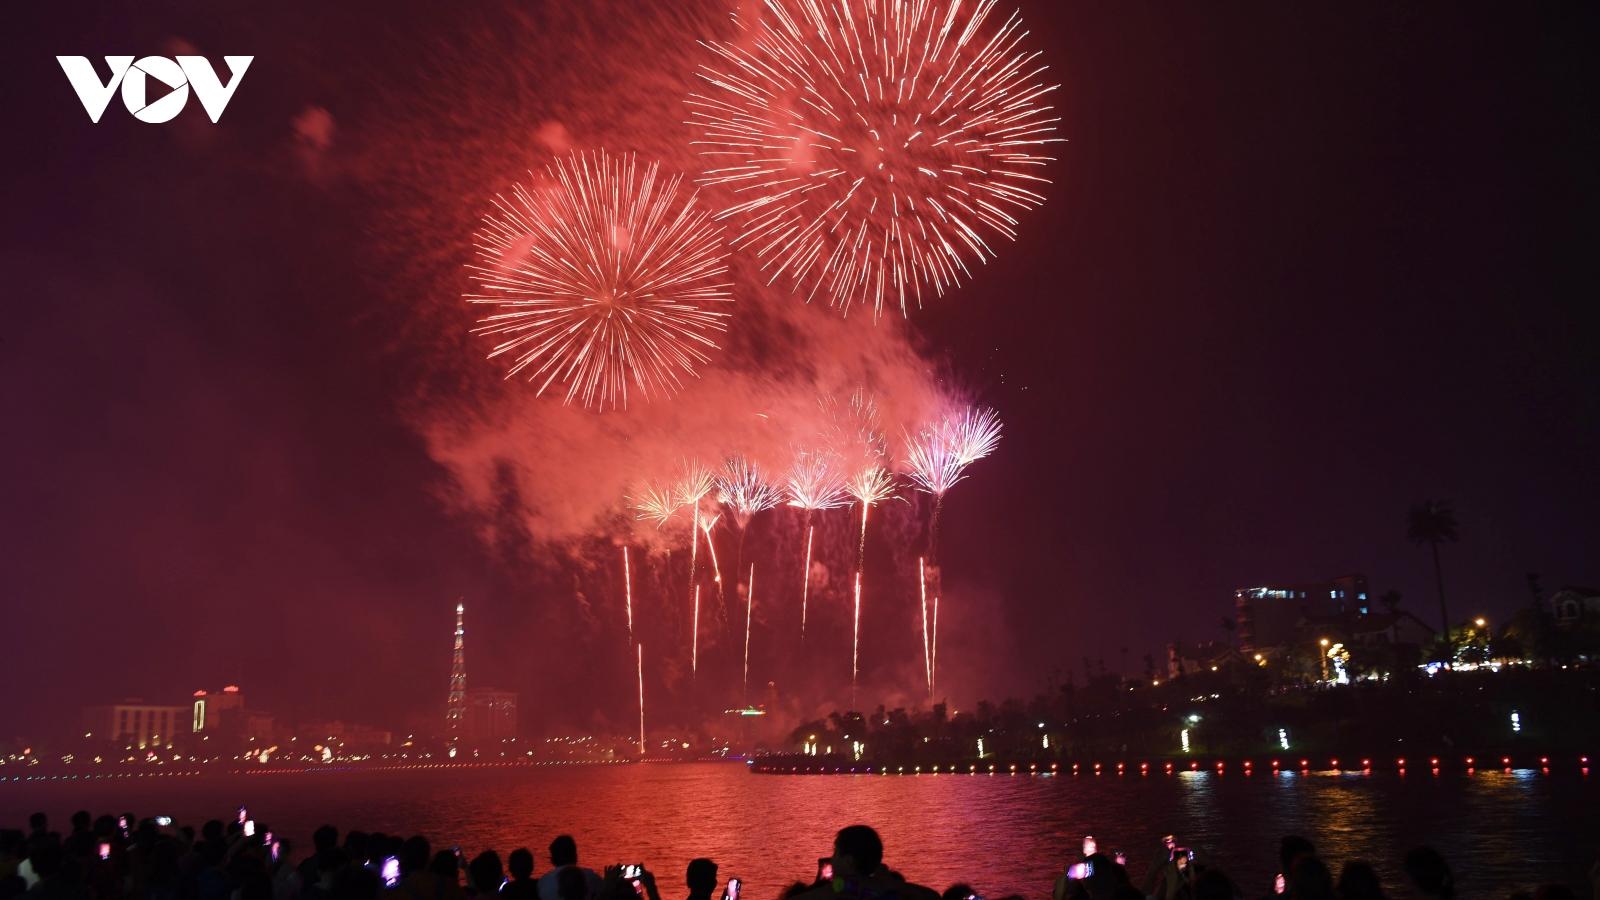 Chiêm ngưỡng màn pháo hoa rực rỡ chào mừng Giỗ Tổ Hùng Vương 2021